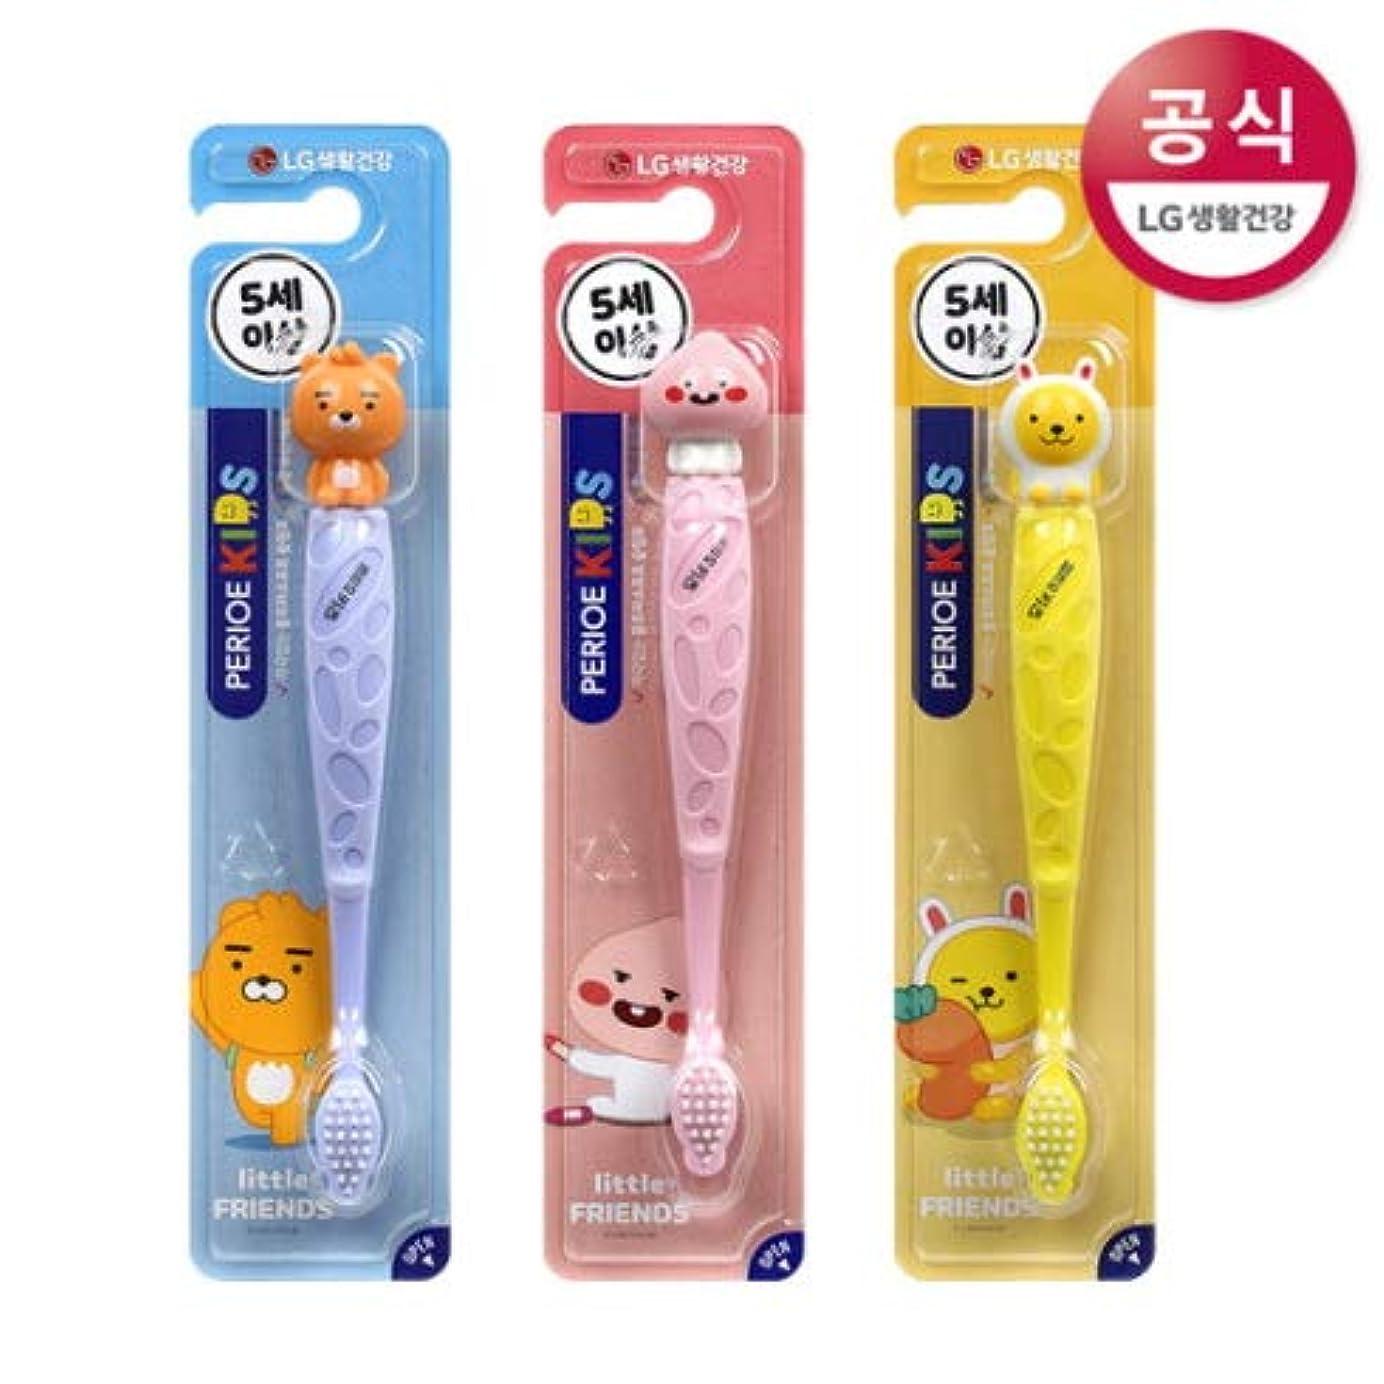 転送直径稼ぐ[LG HnB] Pero Kids Cocoa Figure Toothbrush/ペリオ子供カカオフィギュア歯ブラシ 1口x3個(海外直送品)